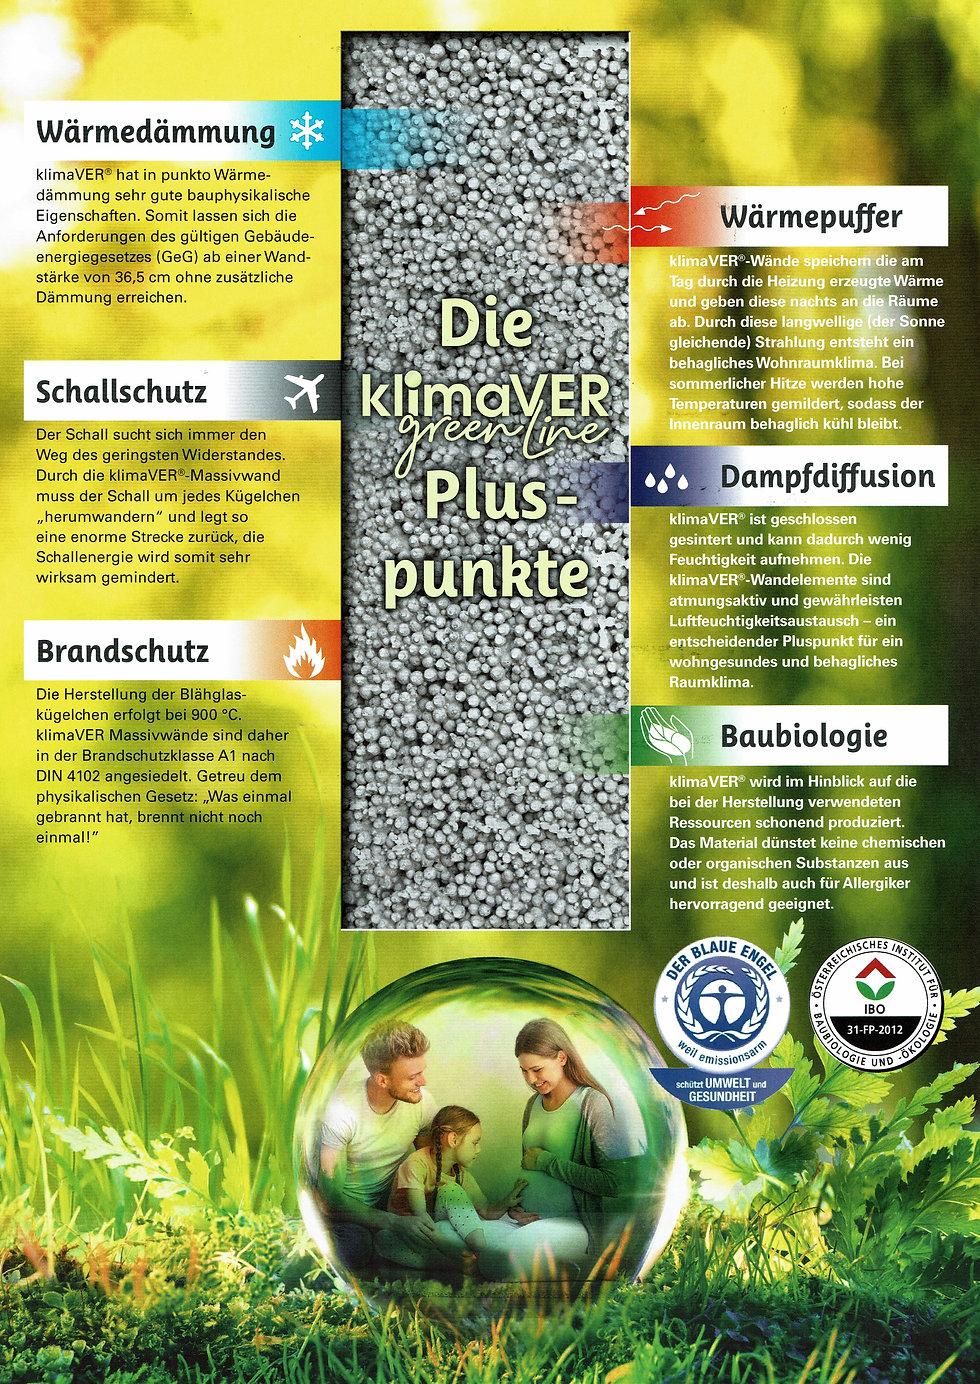 Lechner KlimaVer green Line Blauer Engel_000038.jpg